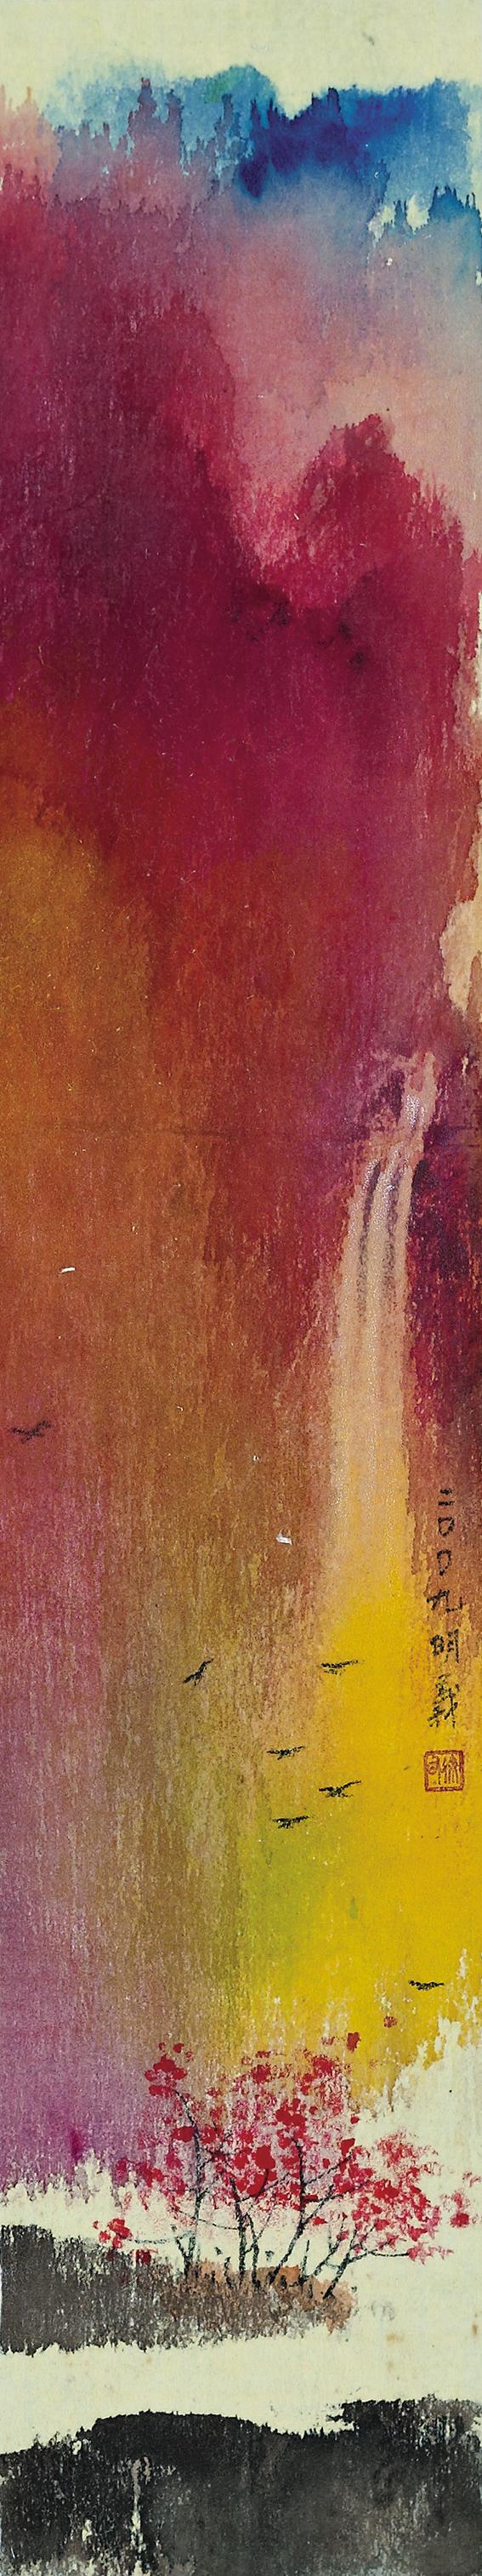 秋(不织布)11×58cm (图片来源:画家提供)